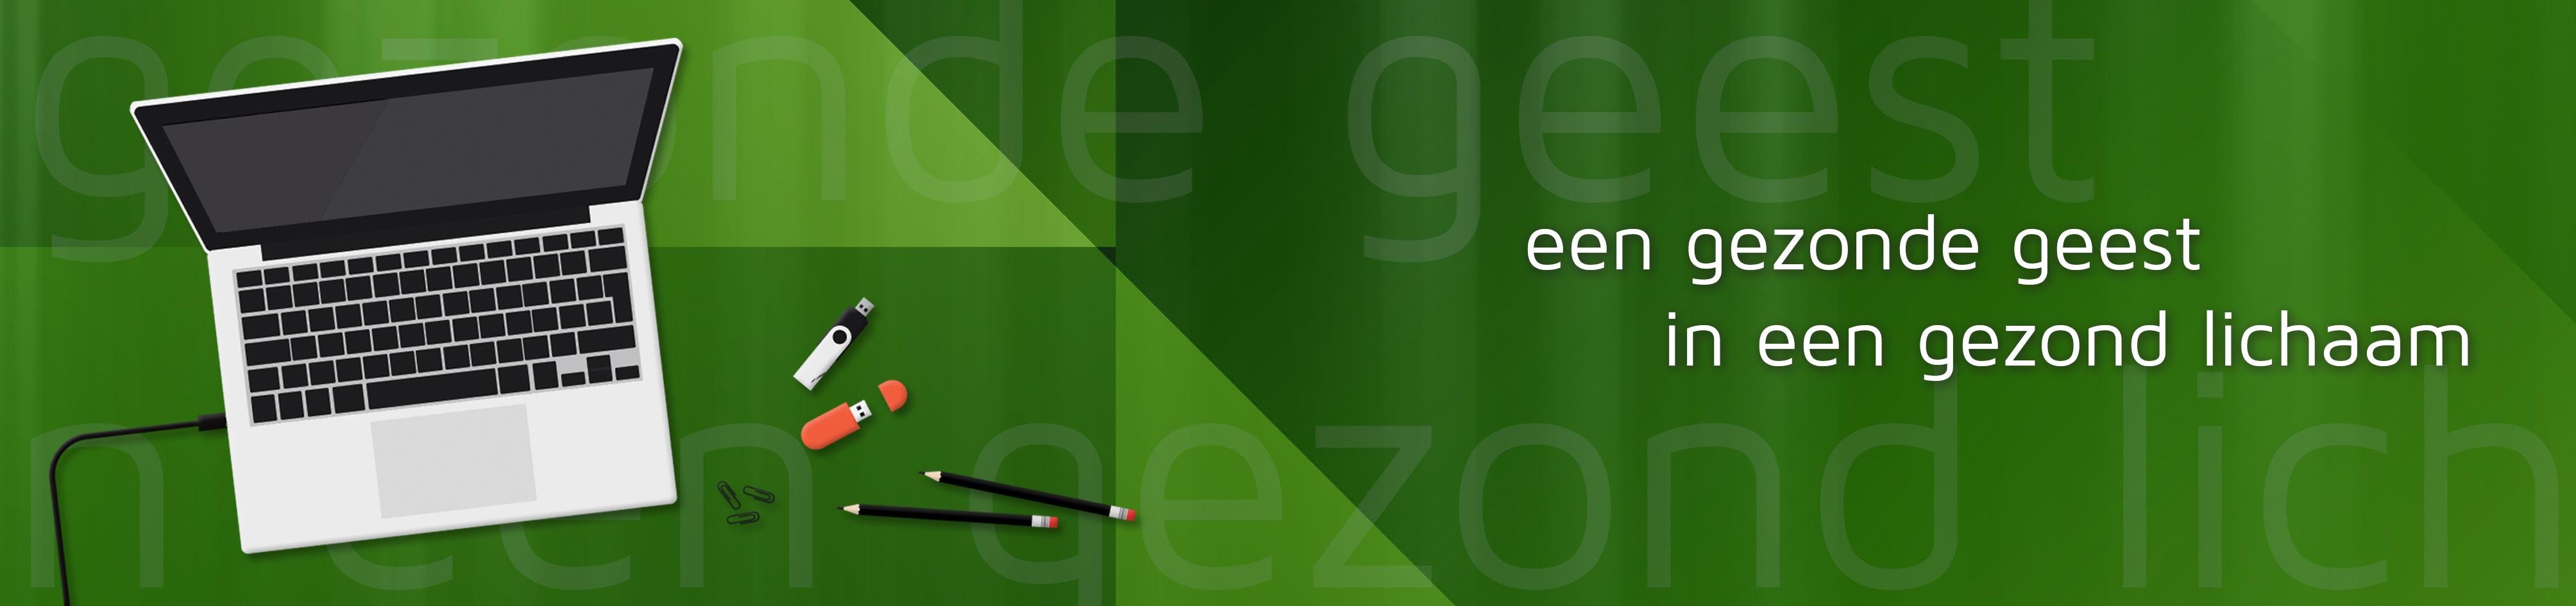 frame-green